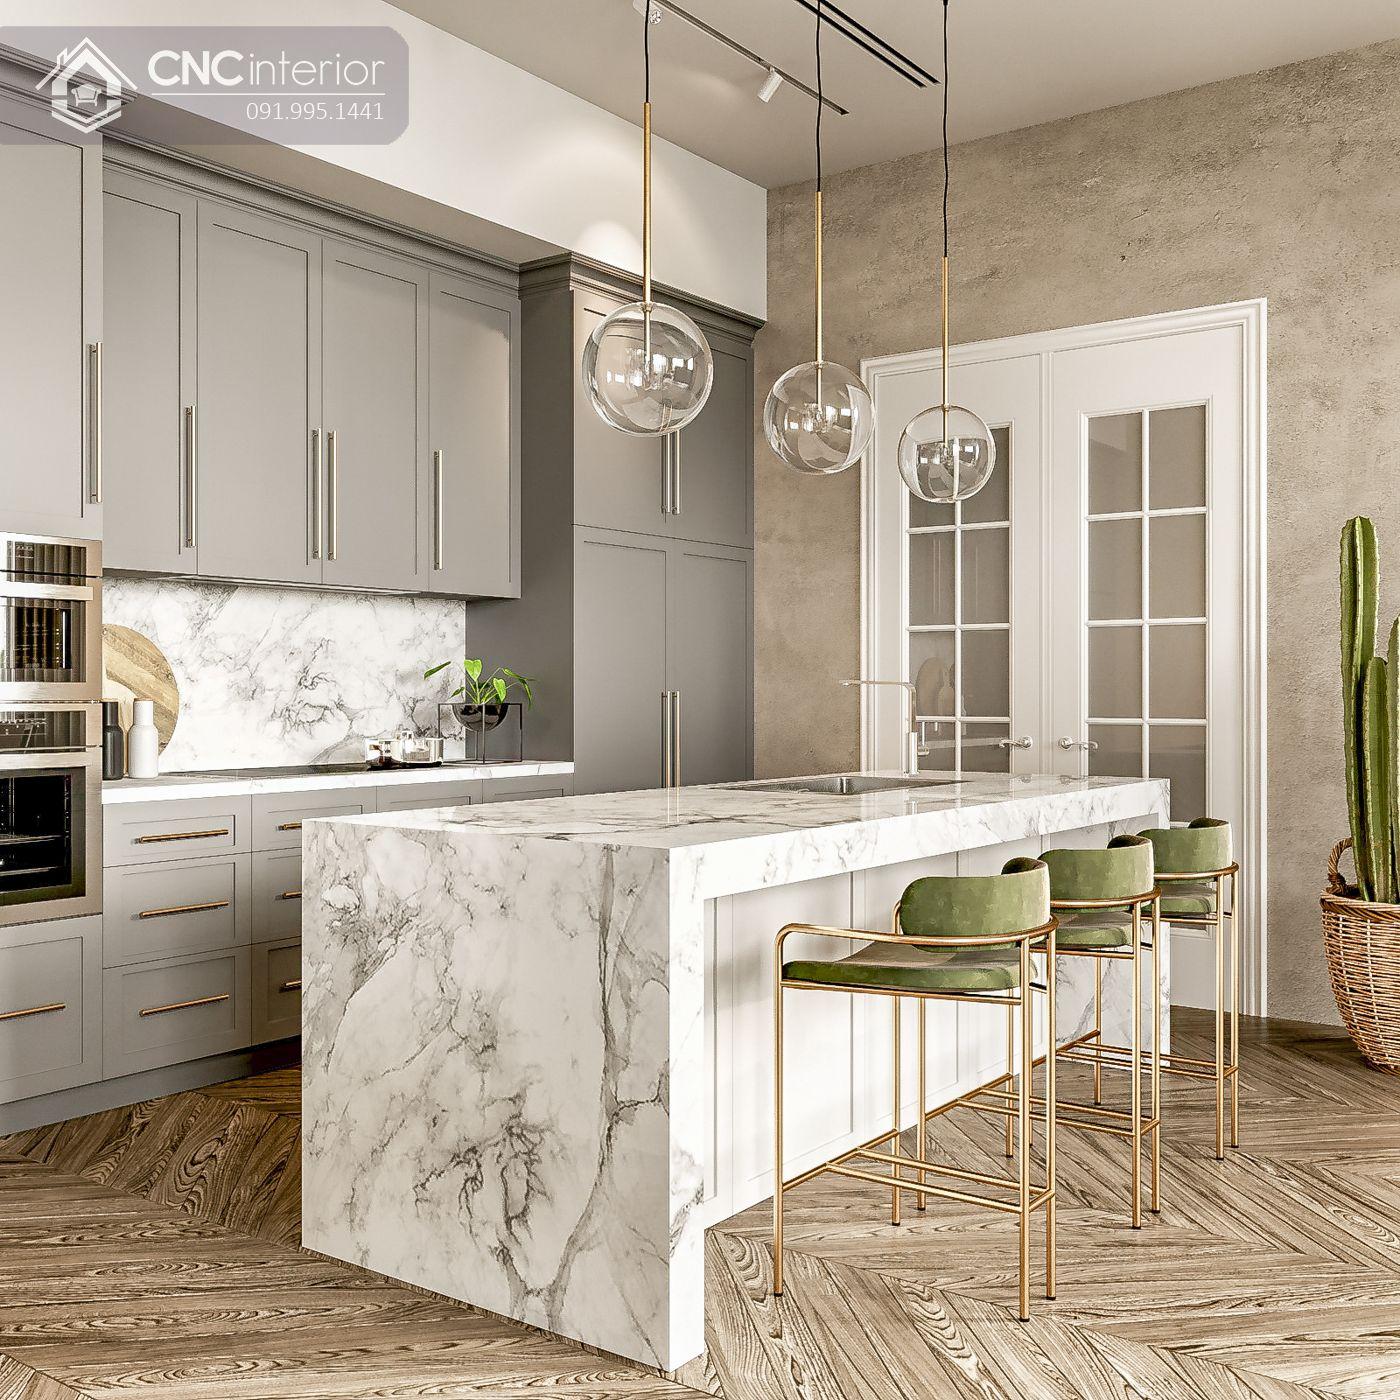 các mẫu thiết kế nội thất biệt thự đẹp 3